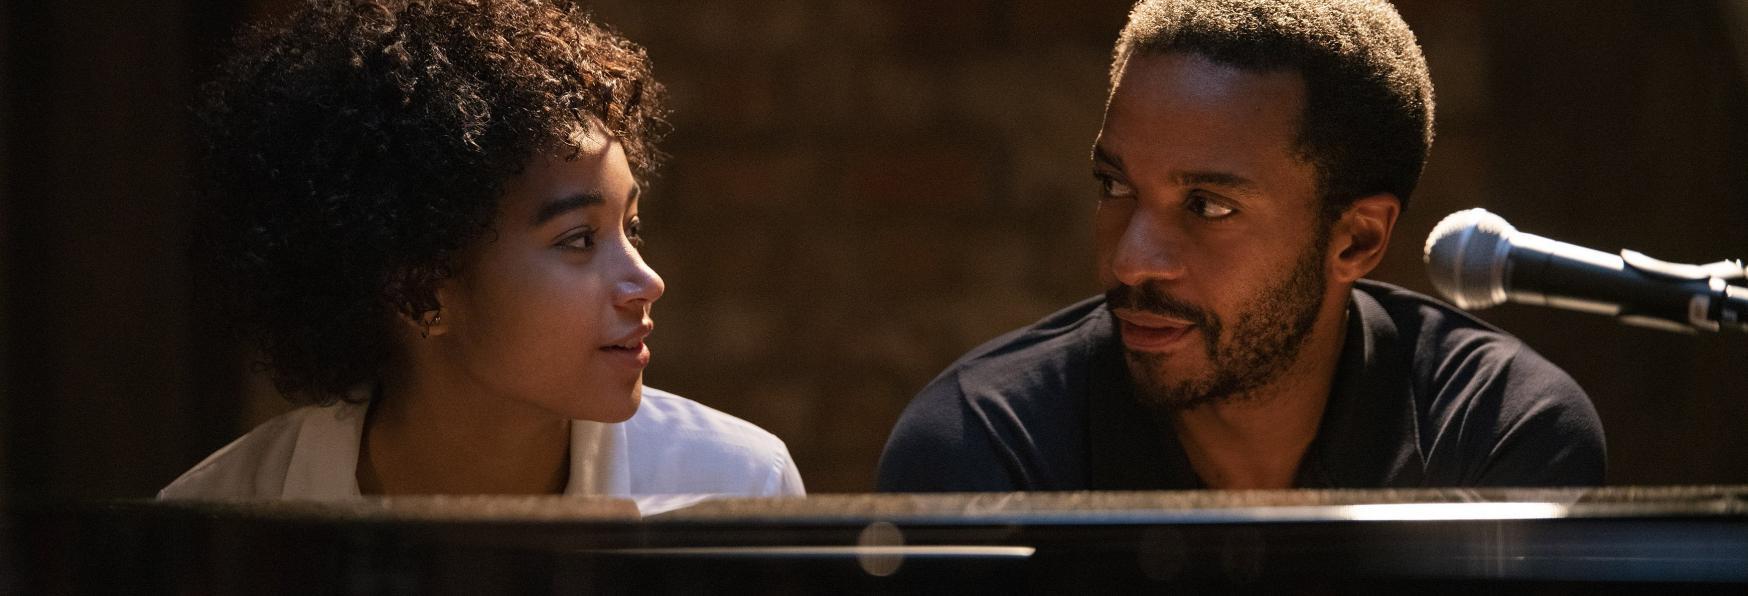 The Eddy: la Recensione della Miniserie Musical targata Netflix